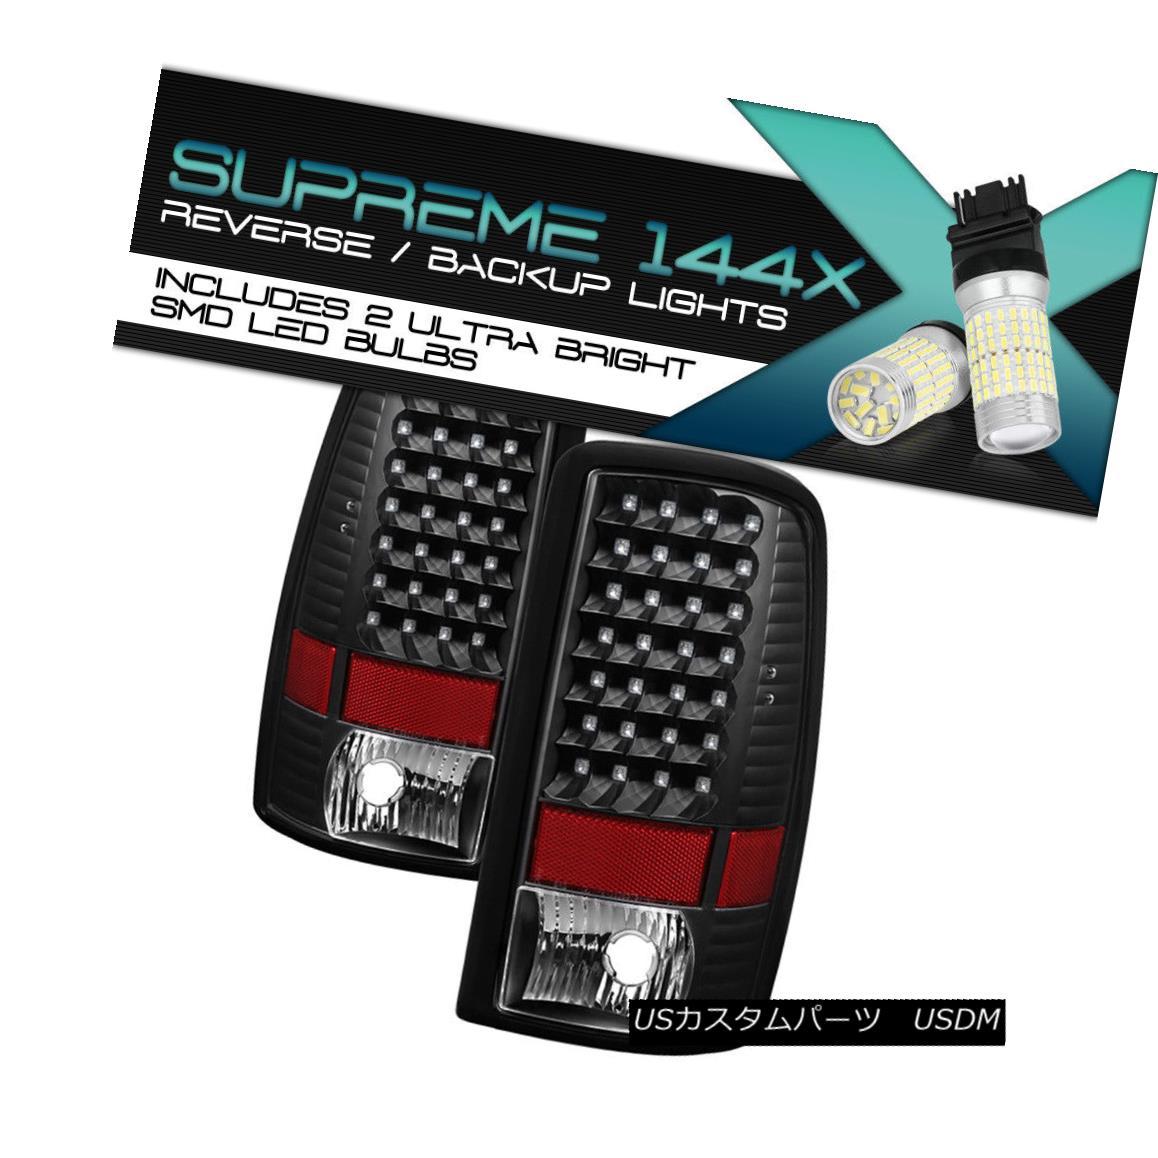 テールライト [360 Degree SMD Reverse] 00-06 Chevy Tahoe Suburban LED Tail Light GMC Yukon XL [360度SMDリバース] 00-06シボレータホ郊外LEDテールライトGMCユーコンXL